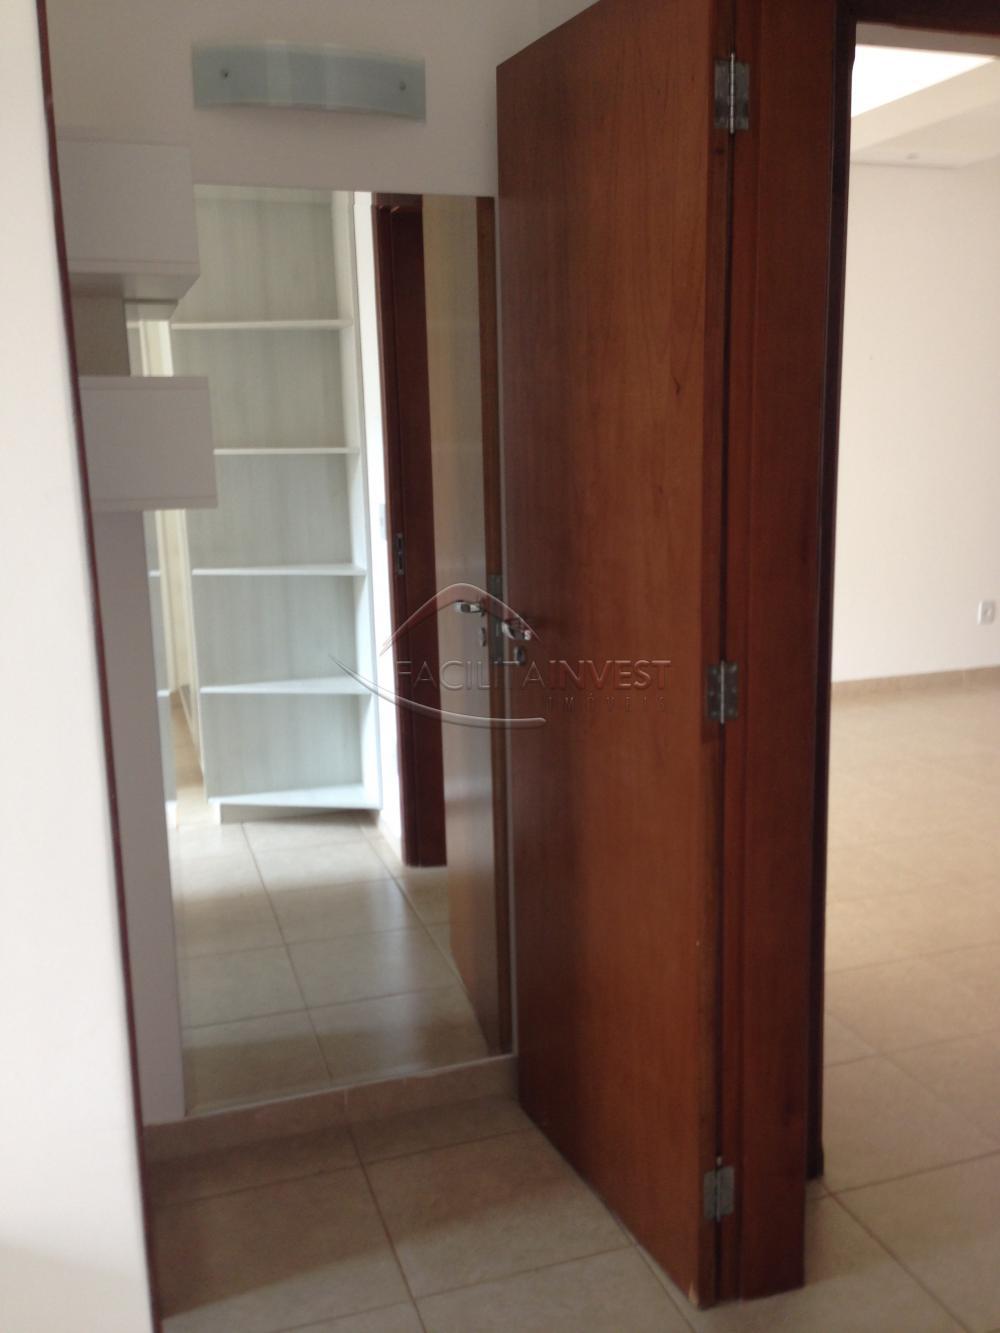 Alugar Apartamentos / Apart. Padrão em Ribeirão Preto apenas R$ 1.300,00 - Foto 10